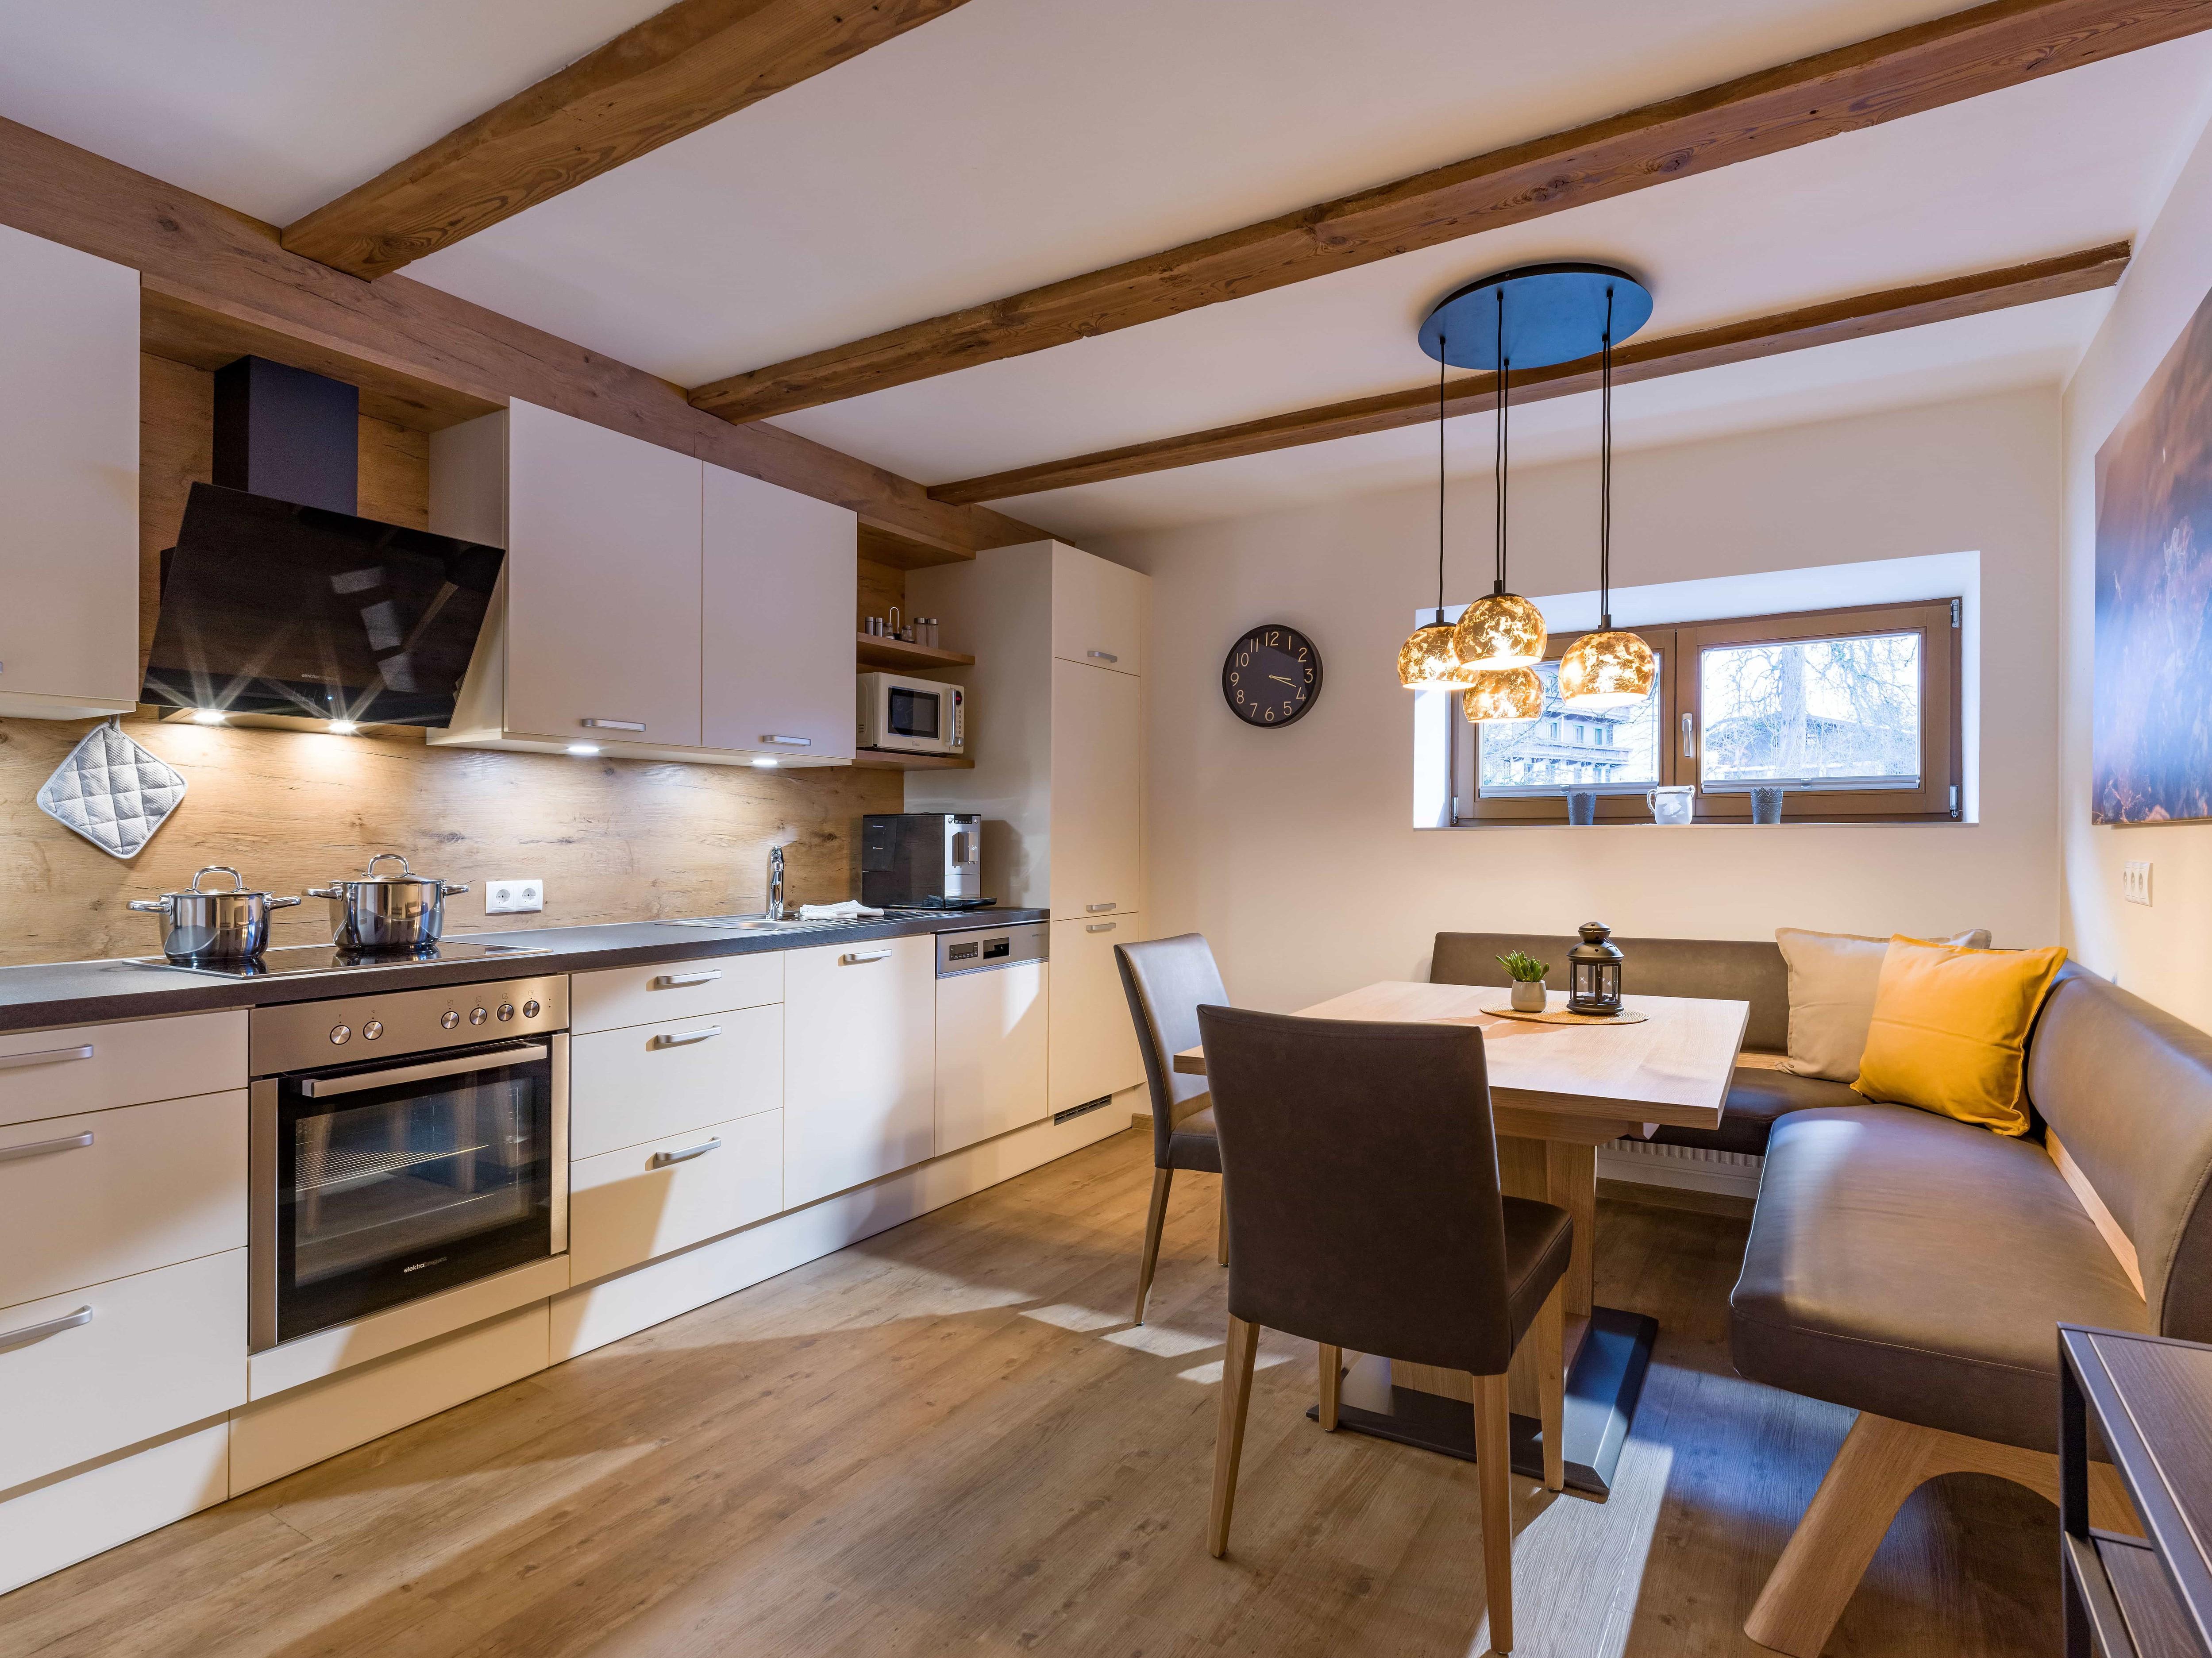 Appartements_Hof_Neuhaus_Burgstall_350_Mayrhofen_01_2020_Appartement_Winterzeit_Kueche(1)